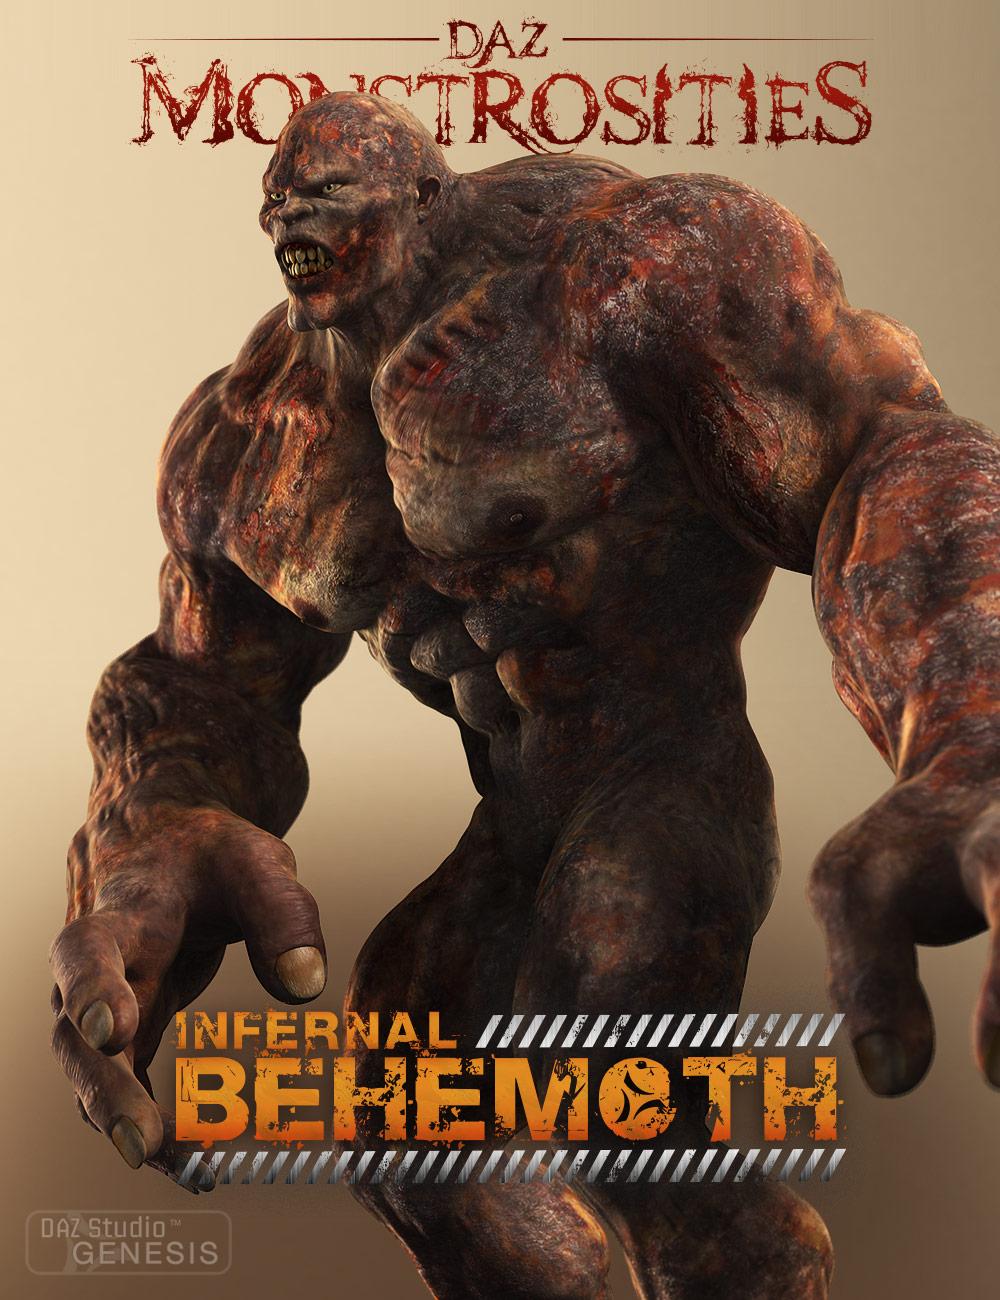 DAZ Monstrosities: Infernal Behemoth by: , 3D Models by Daz 3D